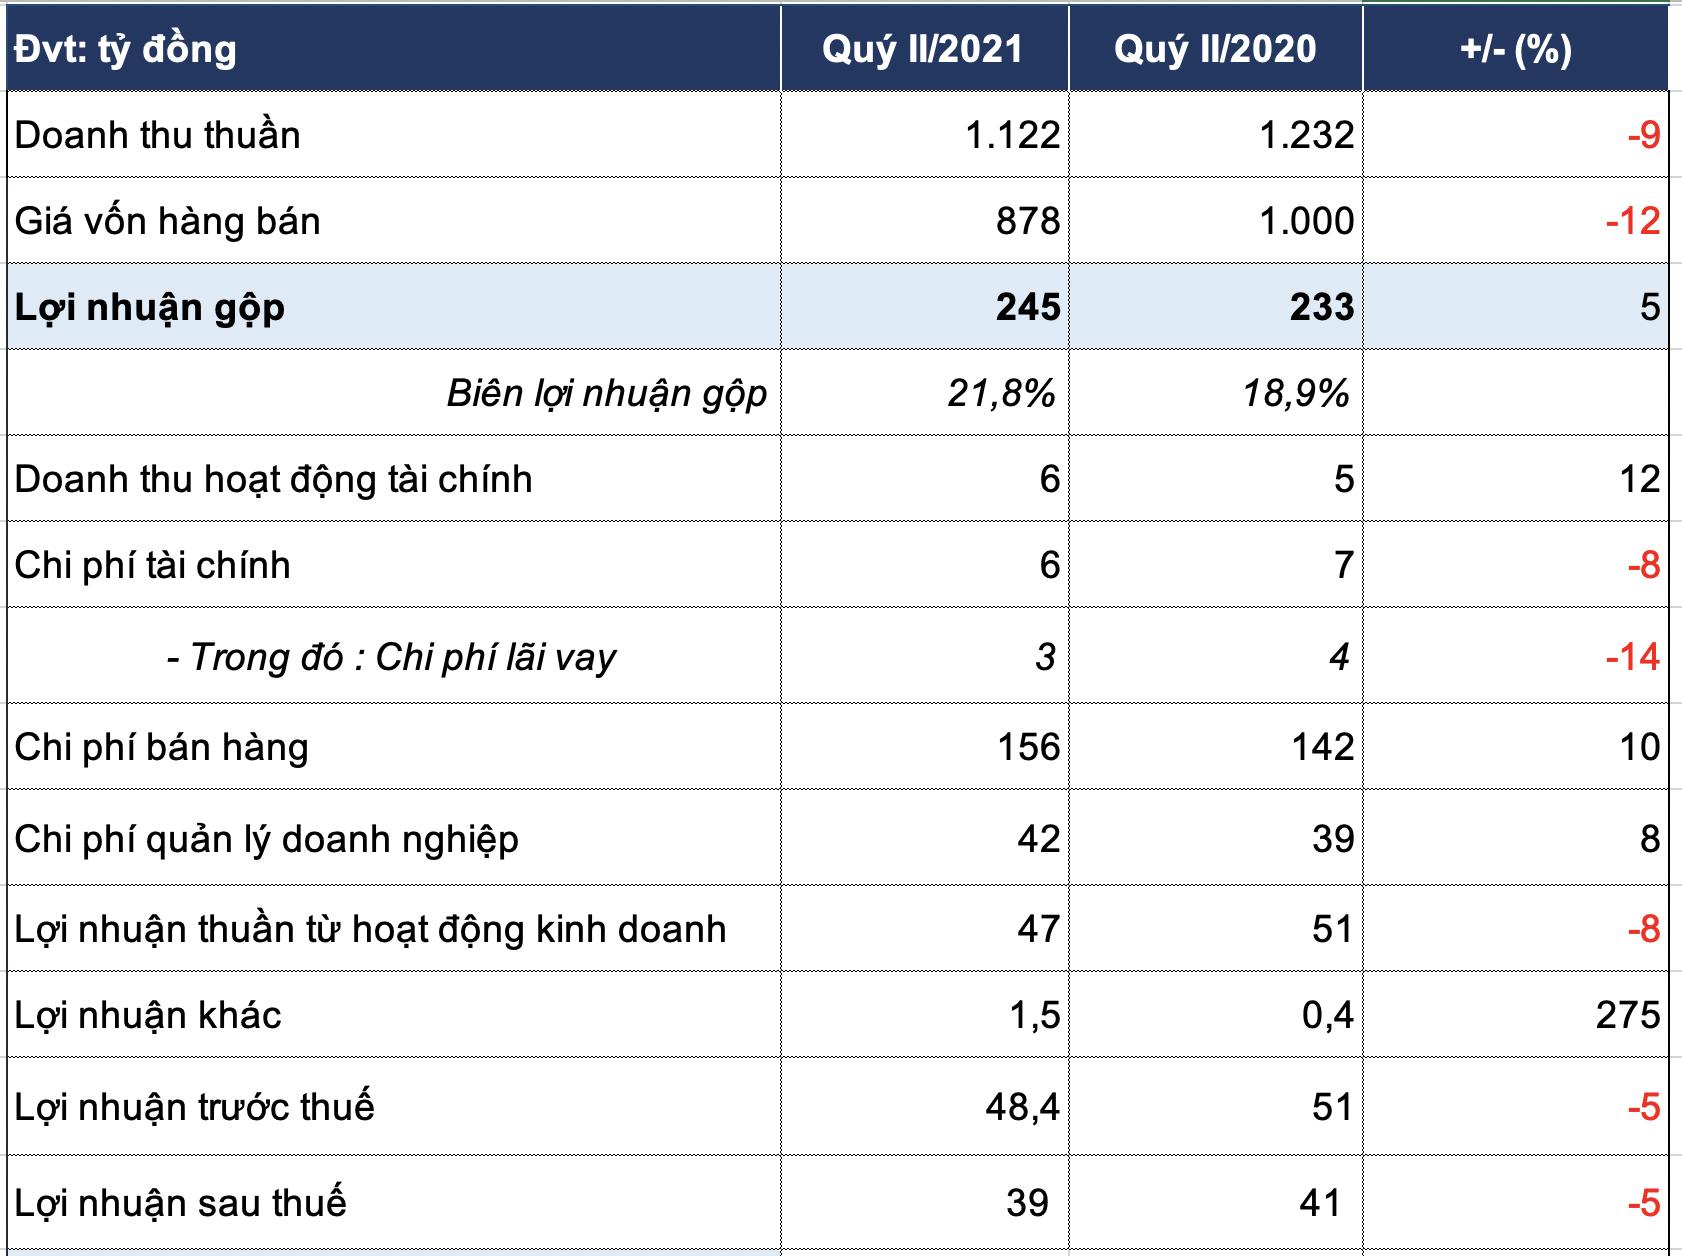 Lợi nhuận sau thuế của Vissan trước khi gặp biến cố 43 nhân viên nhiễm COVID-19 - Ảnh 1.